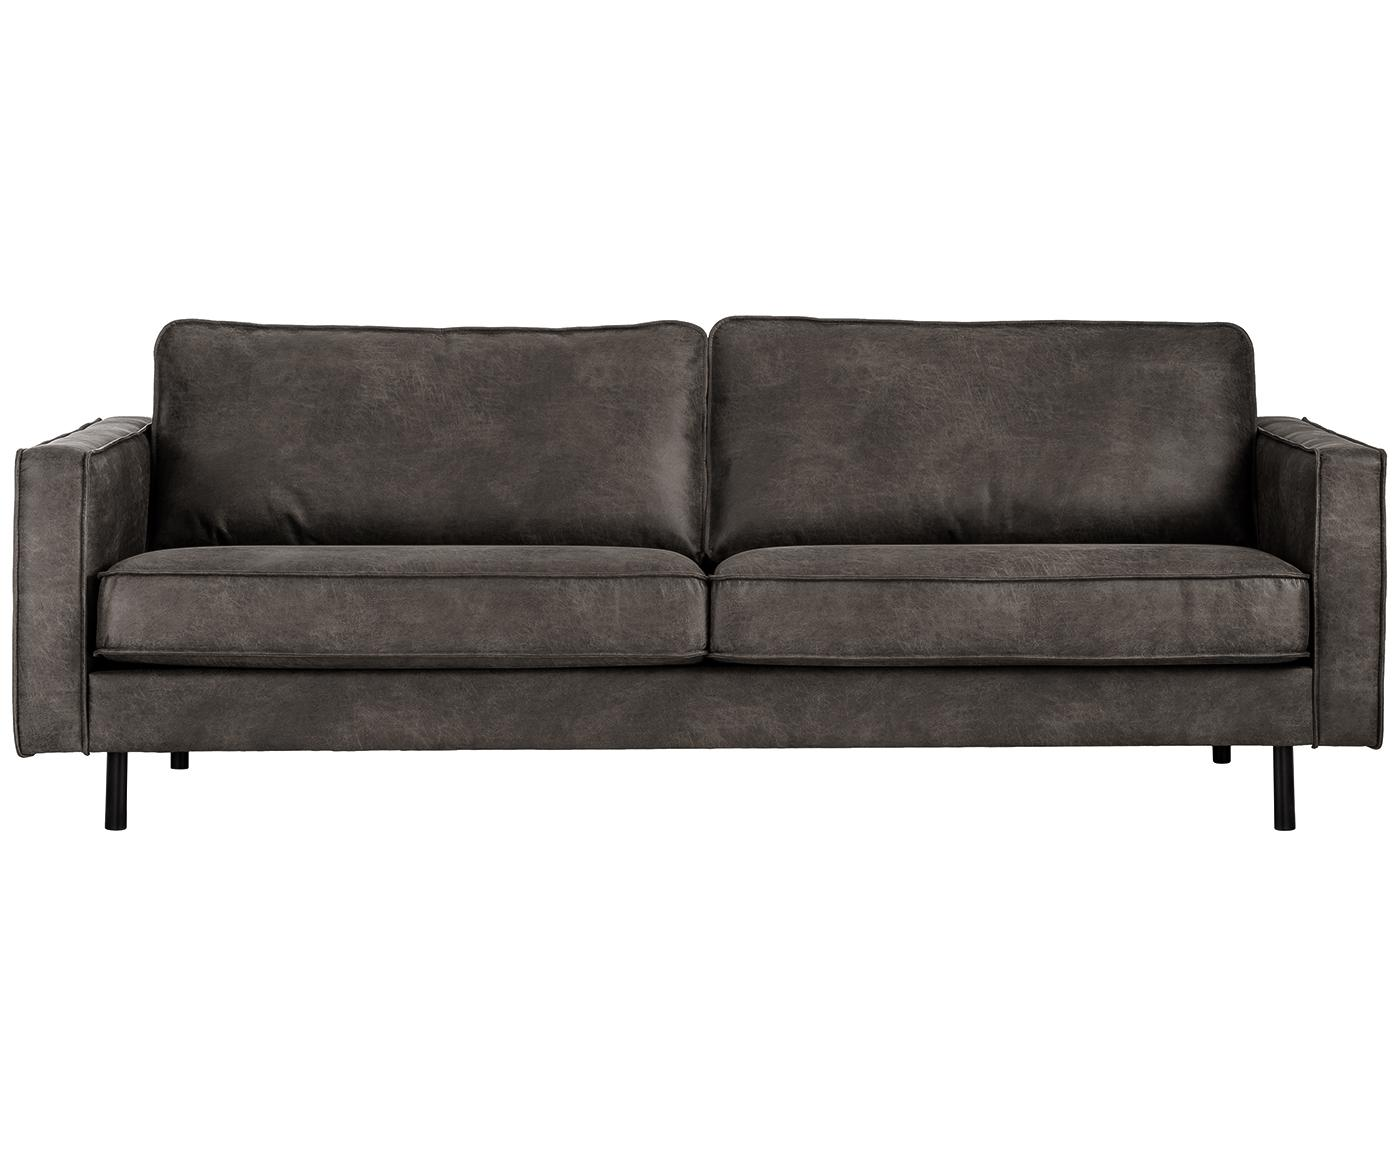 Leder-Sofa Hunter (3-Sitzer), Bezug: 70% recyceltes Leder, 30%, Gestell: Massives Birkenholz und h, Leder Braungrau, B 219 x T 90 cm